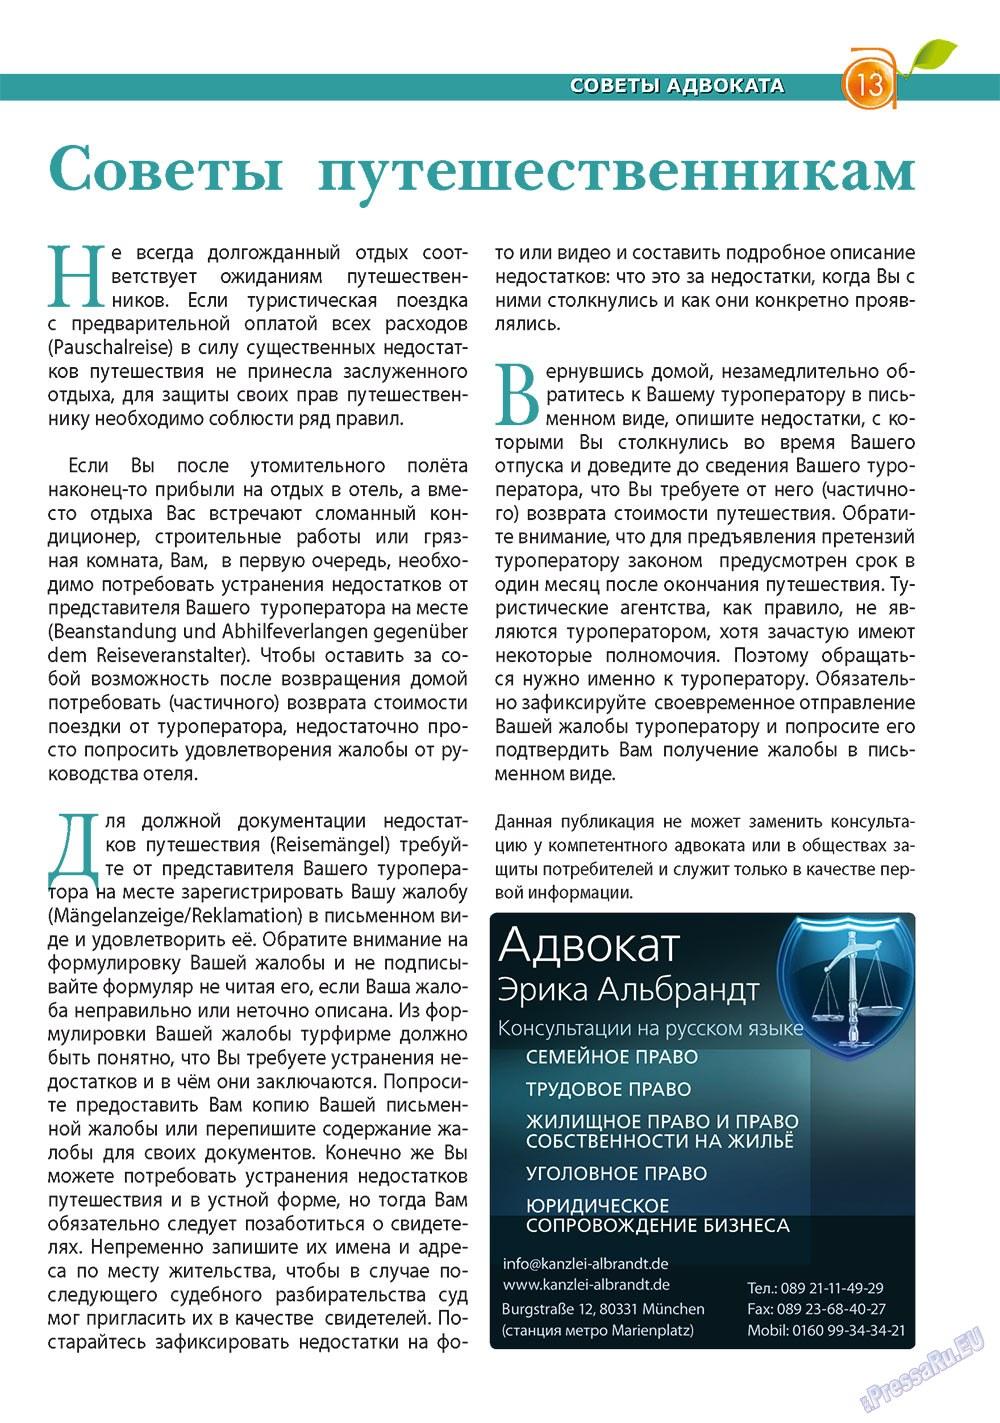 Апельсин (журнал). 2011 год, номер 25, стр. 13